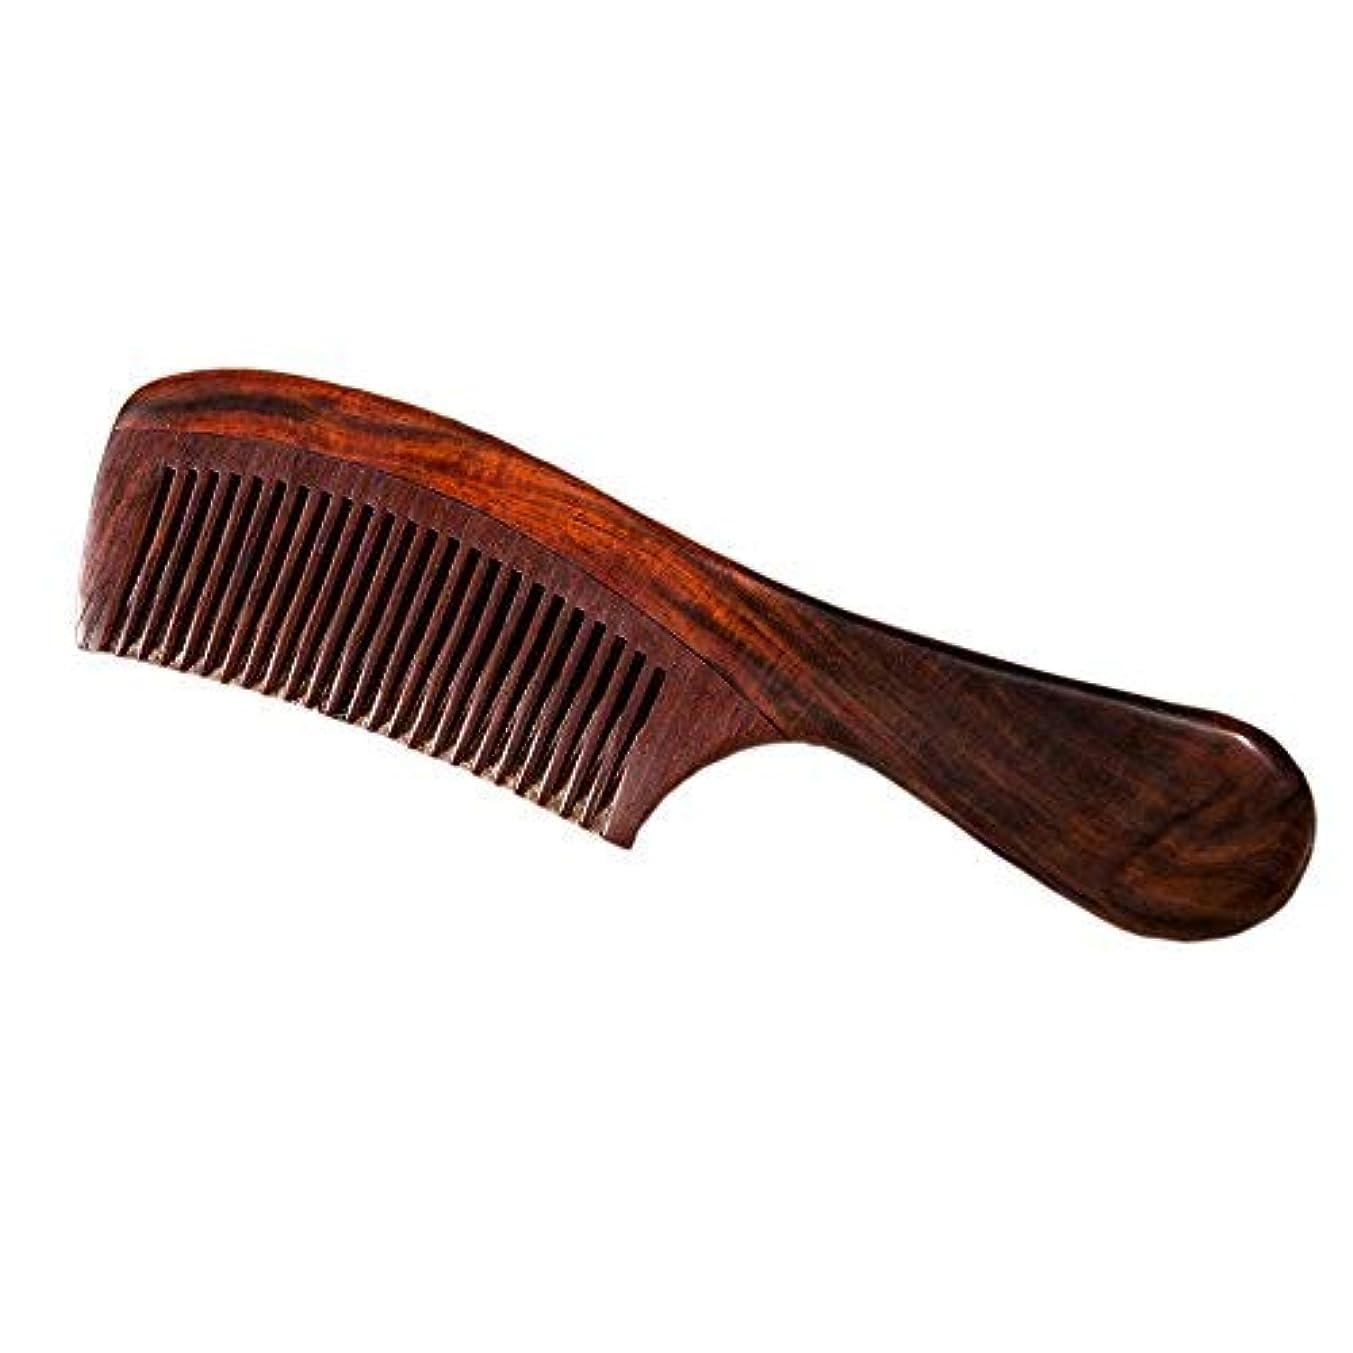 レイプ安西疾患Natural Redwood Hair Comb, No Static Handmade Medium Tooth Hair Comb, Smooth and Comfortable Message Wood Comb with Handle 19cm [並行輸入品]